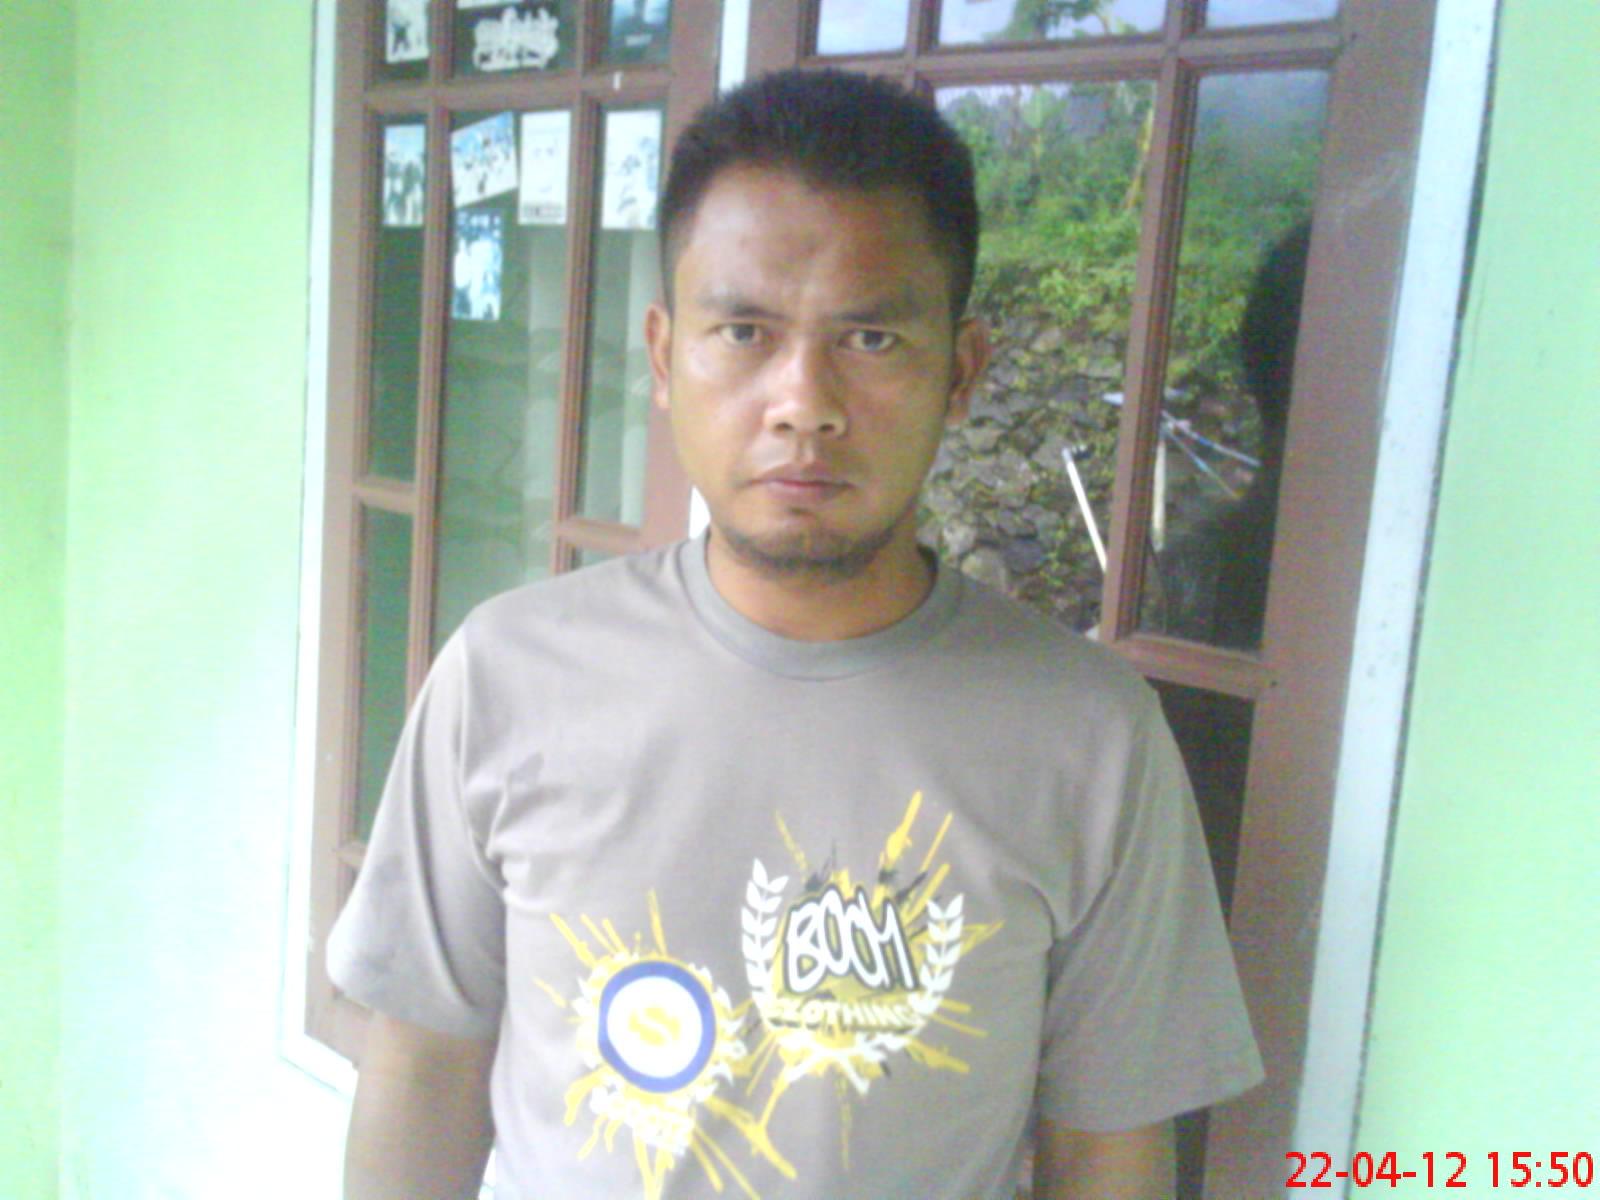 CDSC00233.JPG